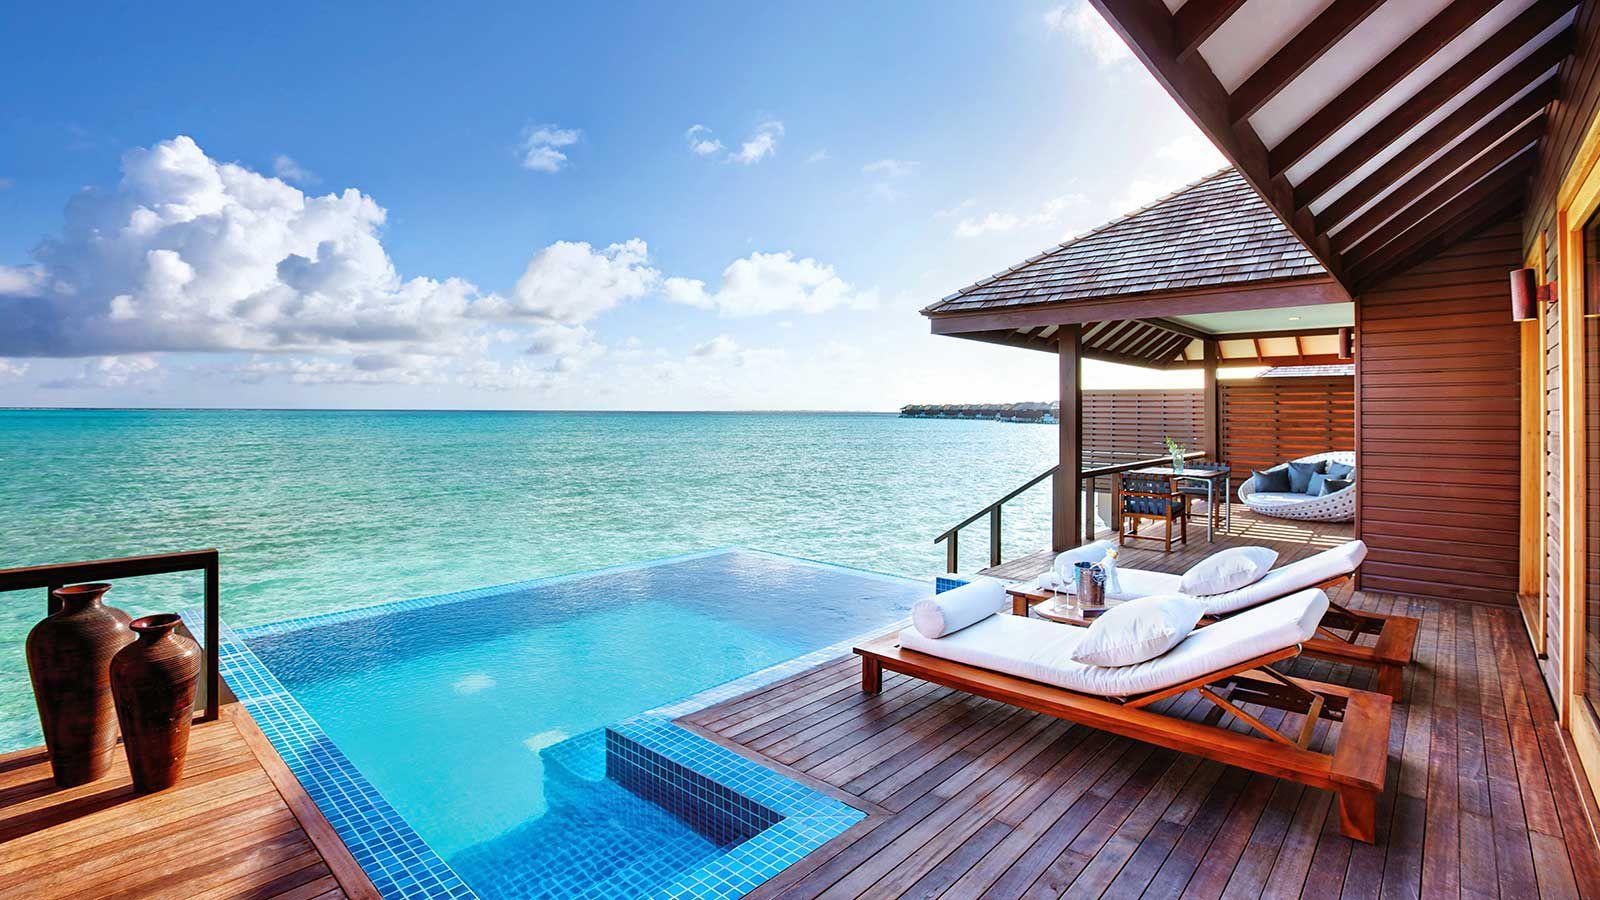 Maldives Deluxe Water Villa Luxury Pool Villas Maldives Hideaway